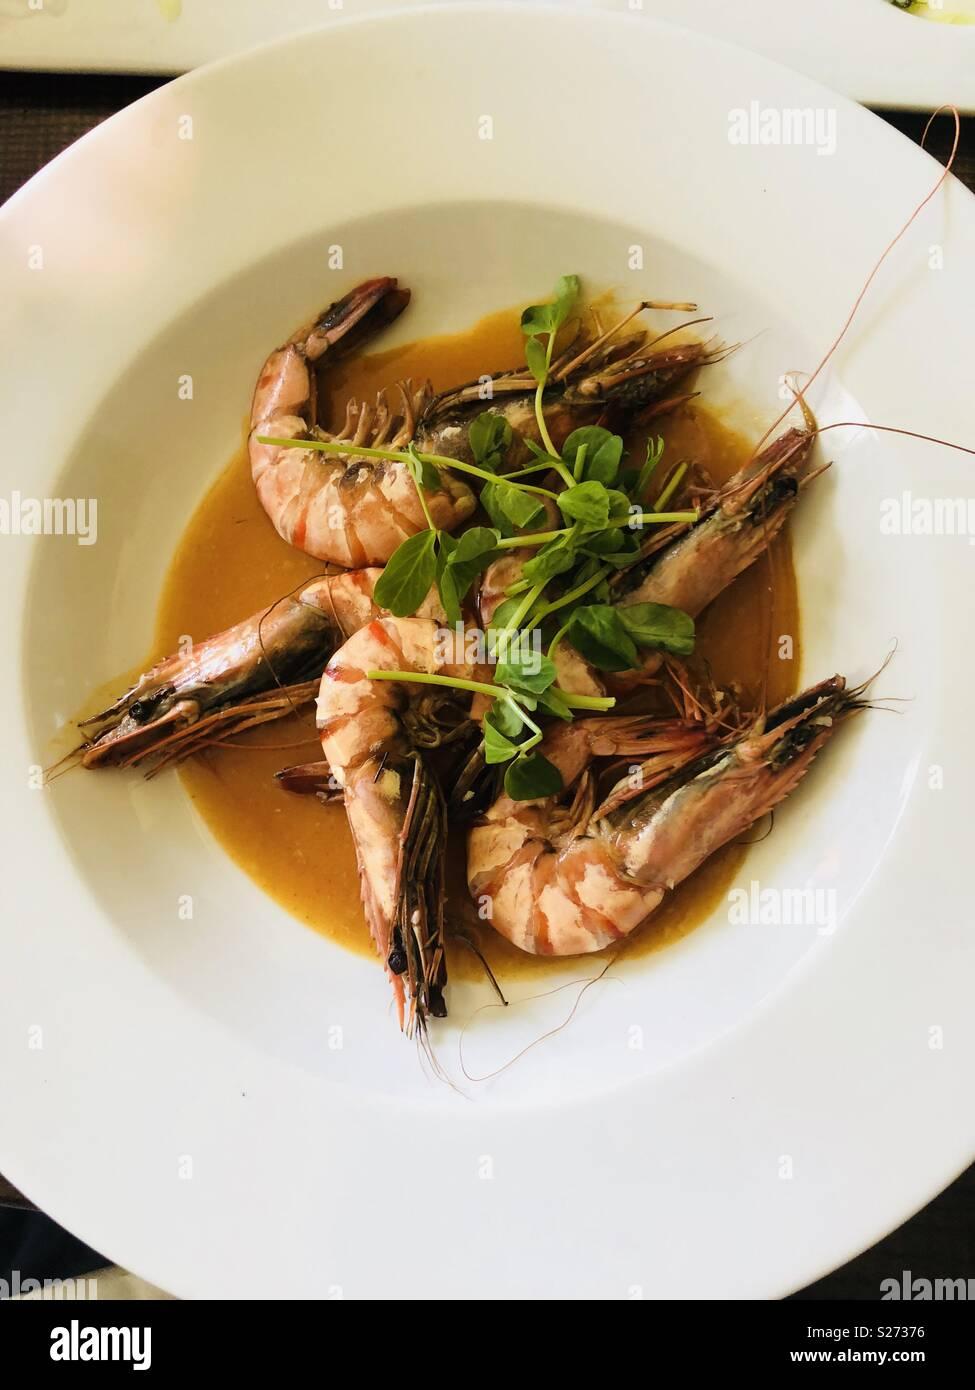 Garlic prawns - Stock Image